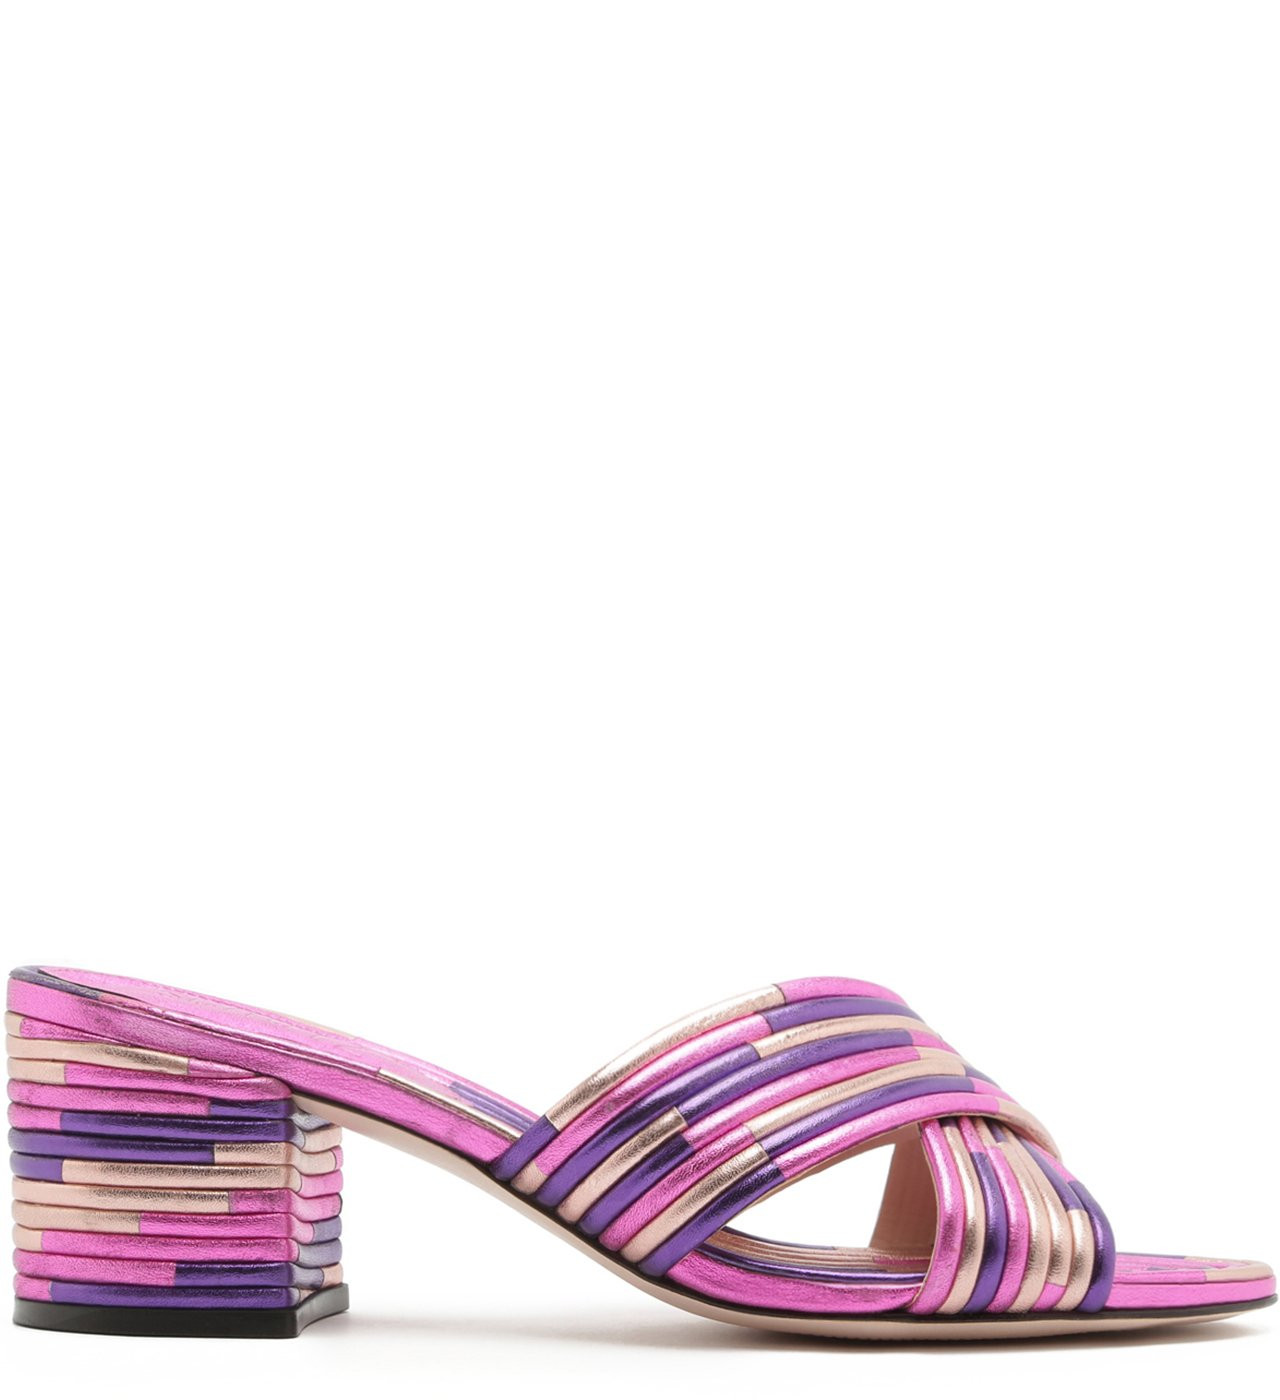 Mule Textures Block Heel Metallic Purple | Schutz